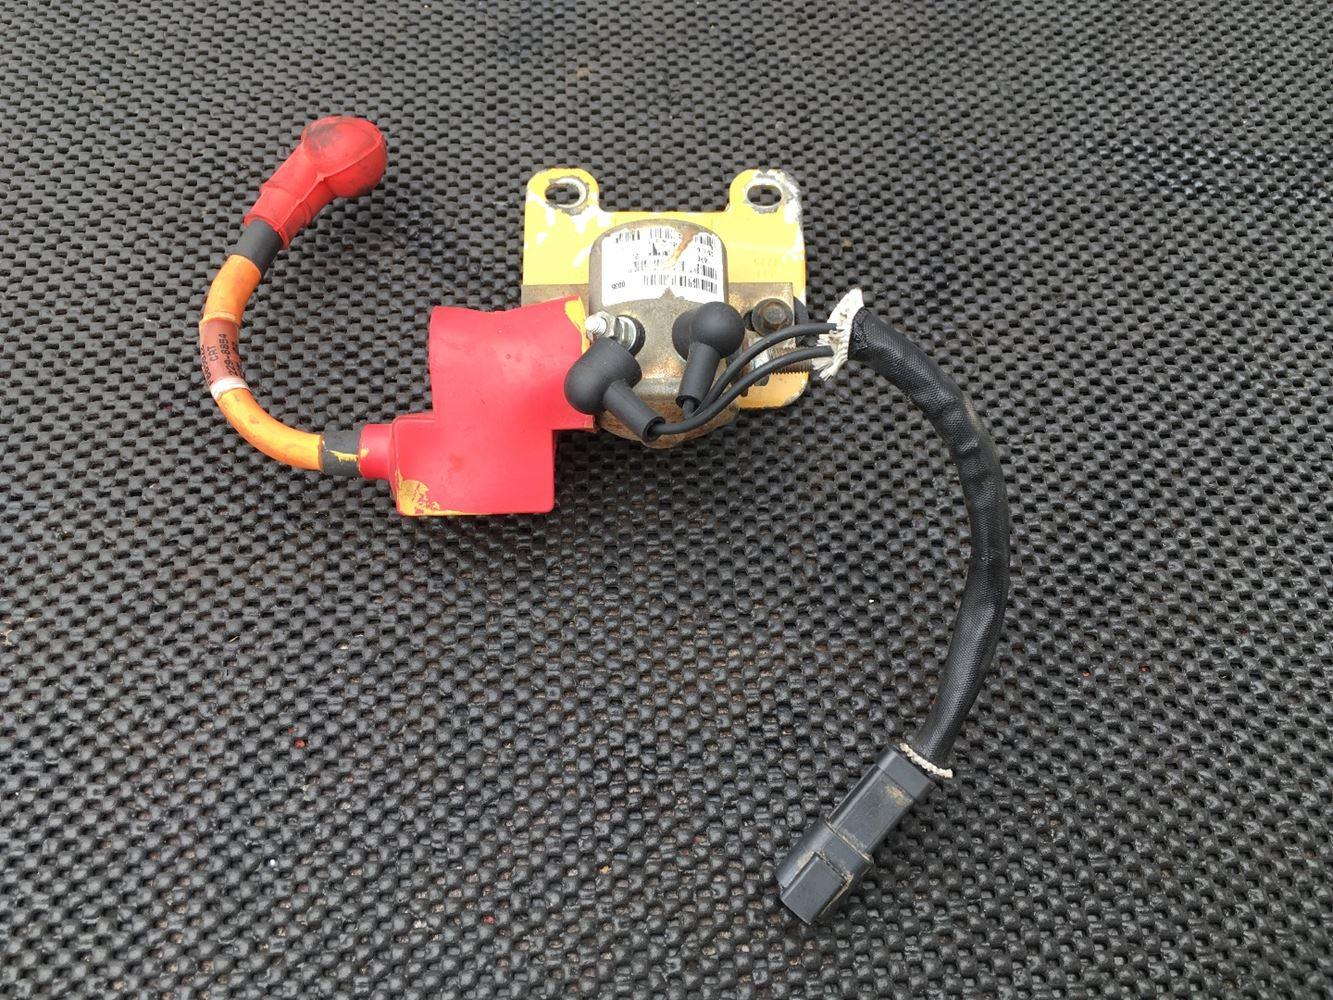 Cat C7 Wiring Diagram Caterpillar C7 Stock 14713 Engine Misc Parts Tpi